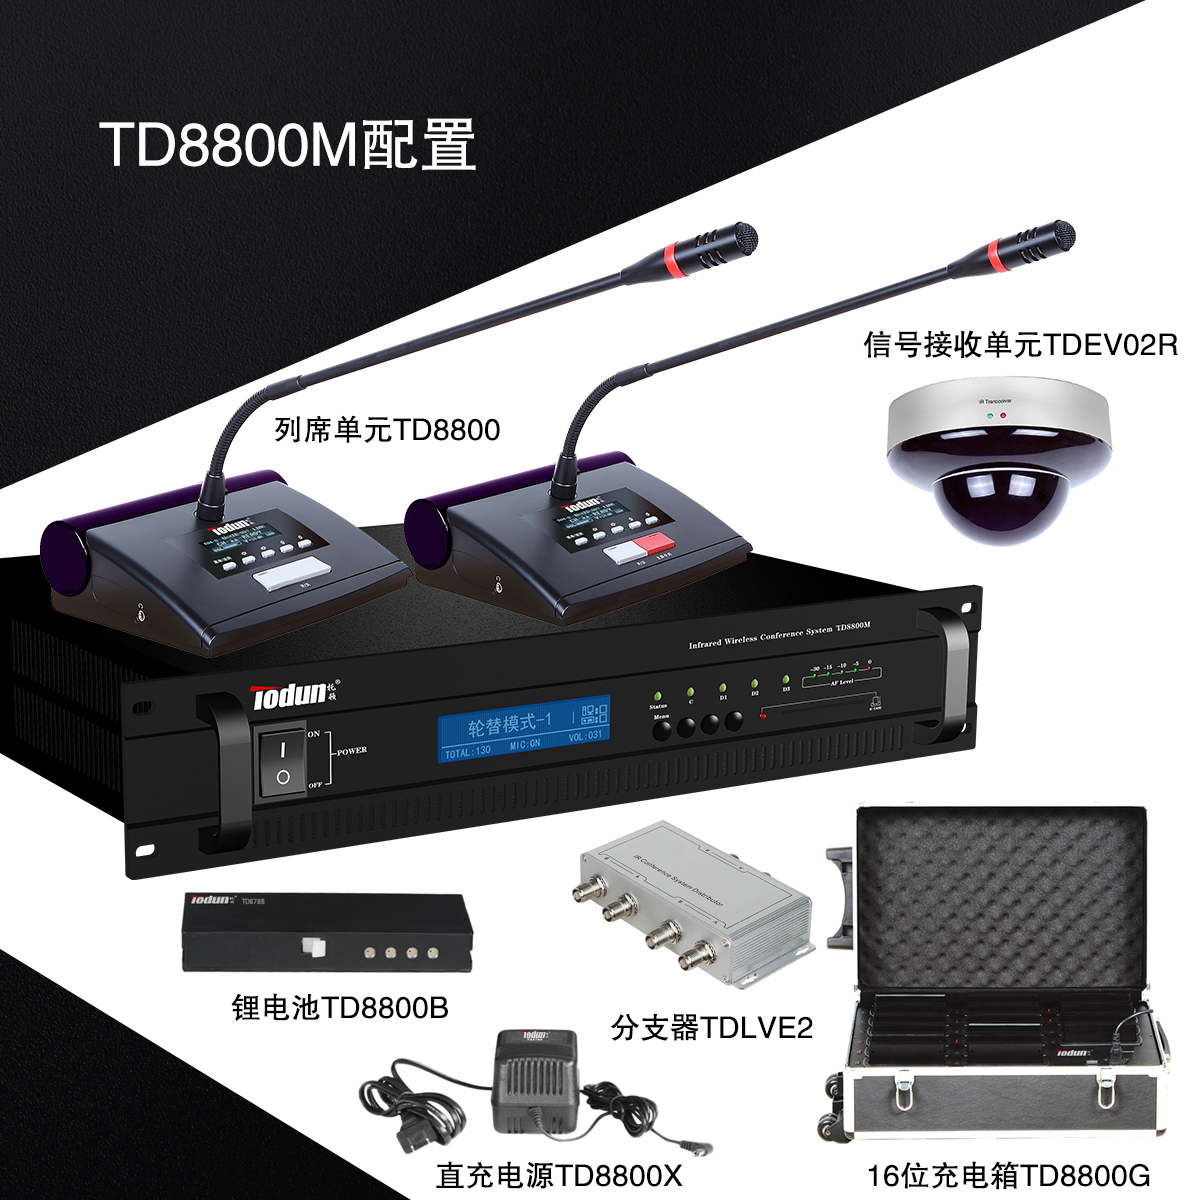 红外线双工会议系统 托顿TD8800 会议设备配置